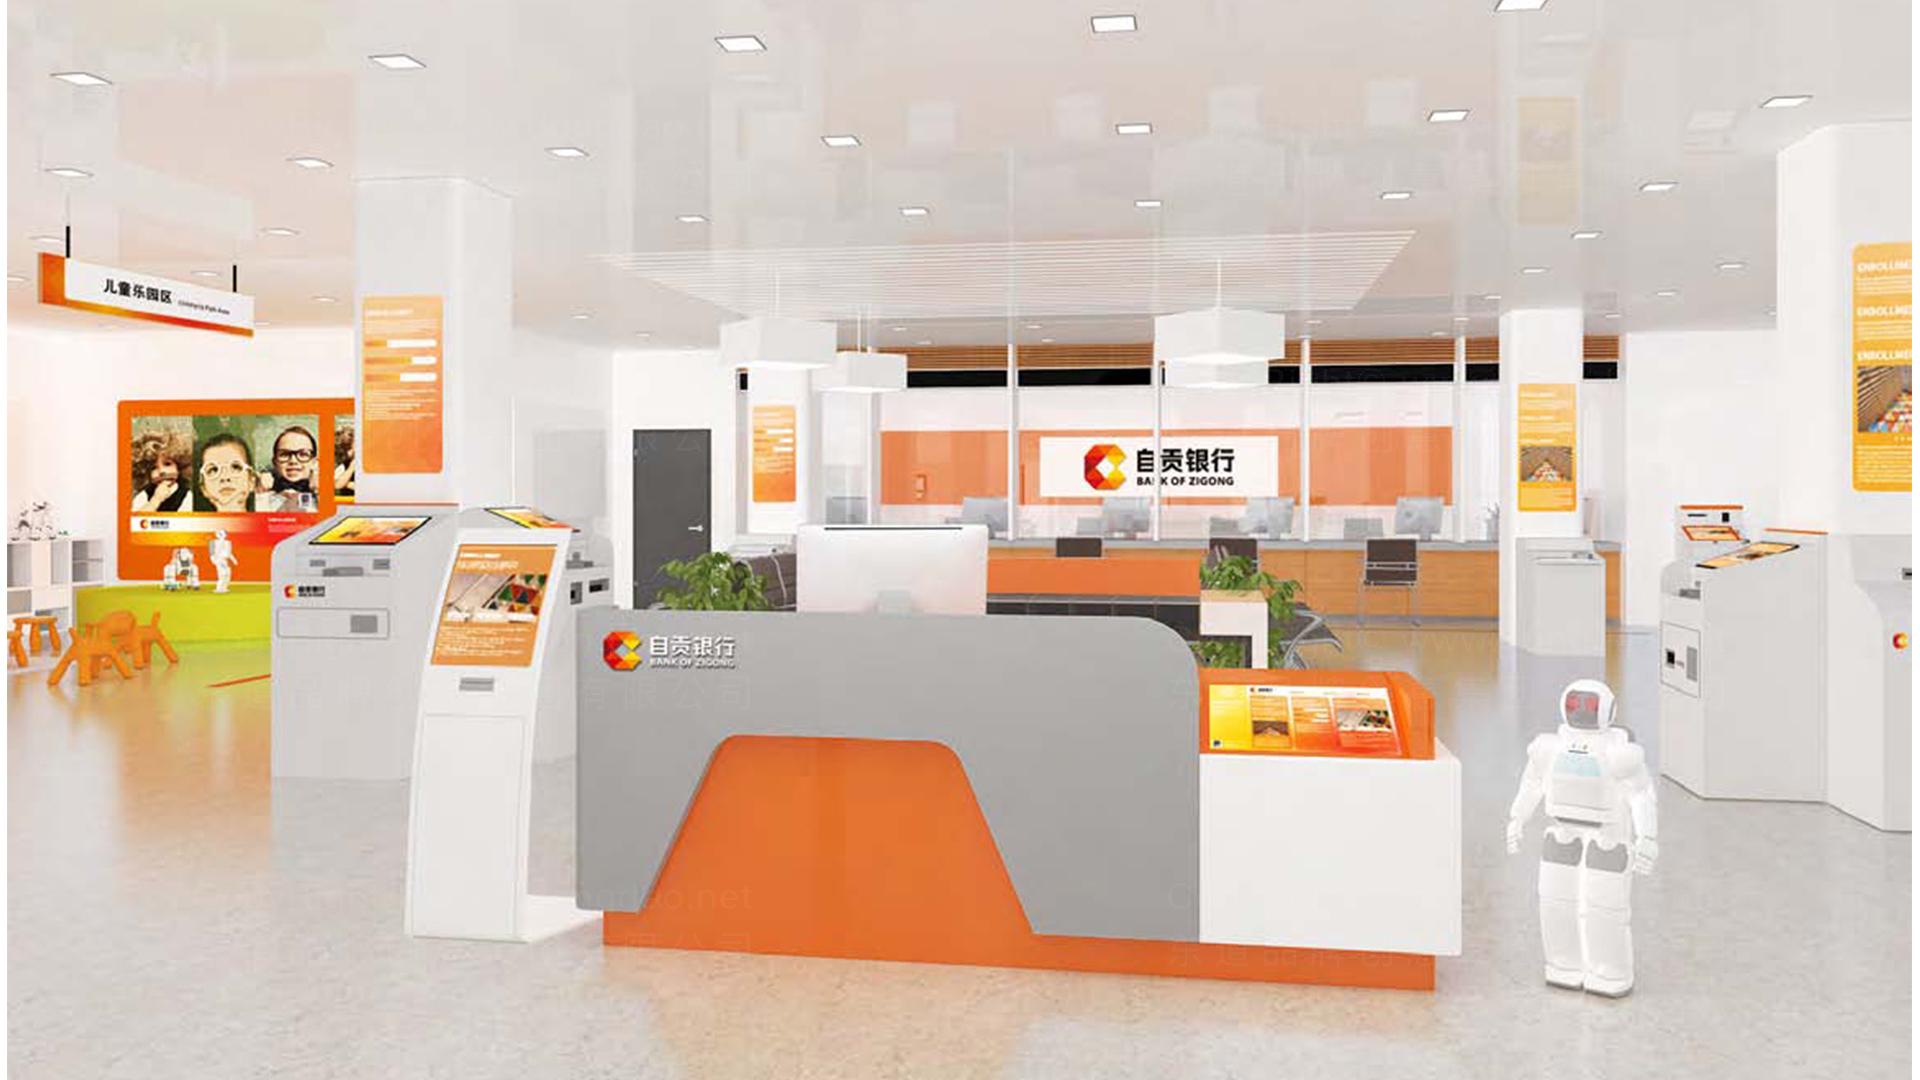 银行金融自贡商业银行银行网点SI设计